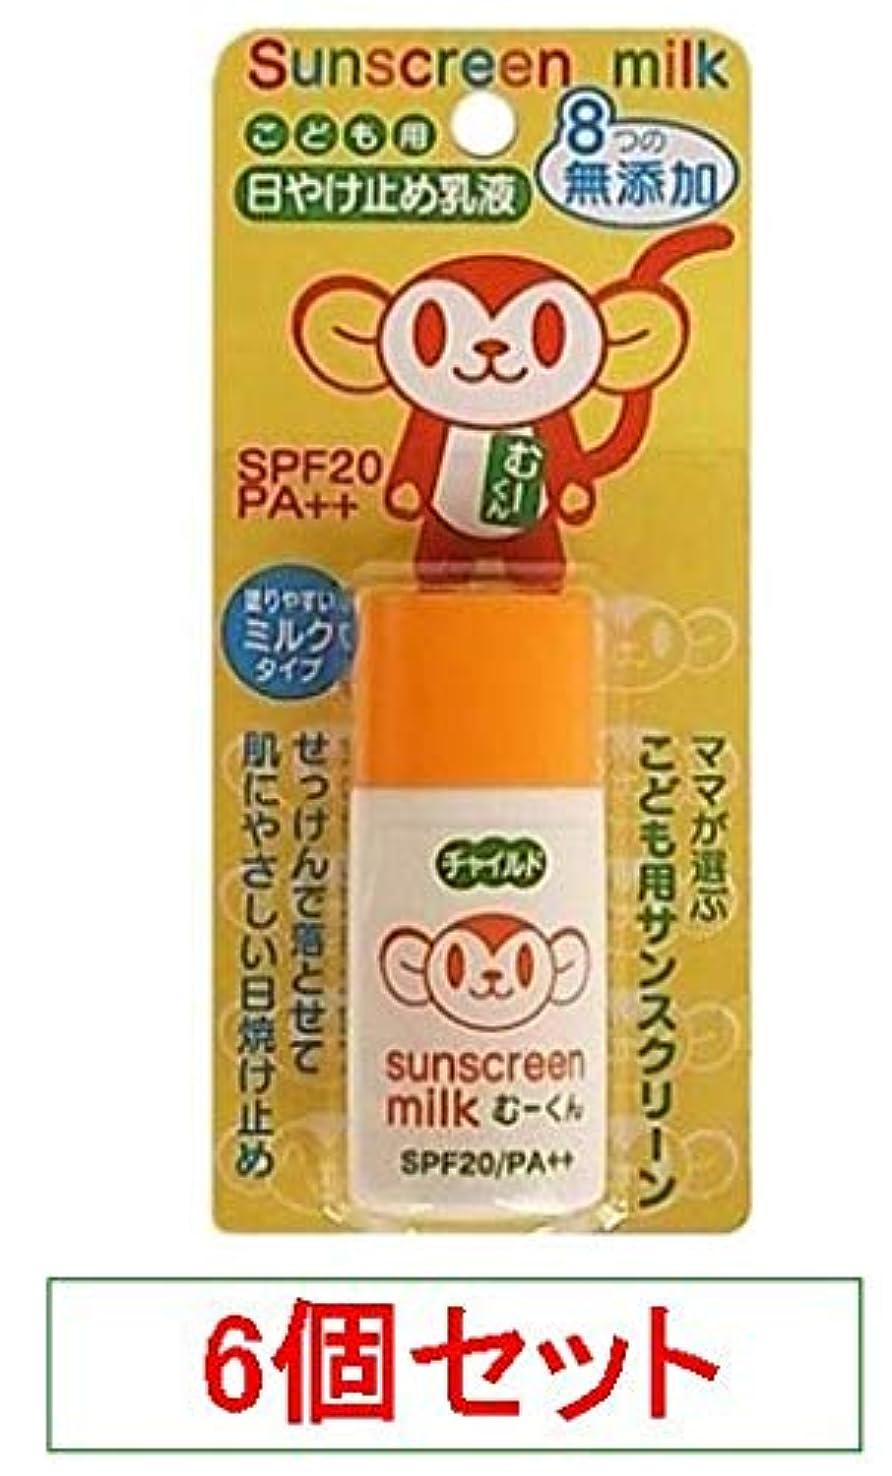 マカダムスタウト数ハイム こども用日やけ止め乳液 サンスクリーンミルク SPF20 PA++ 25ml X6個セット